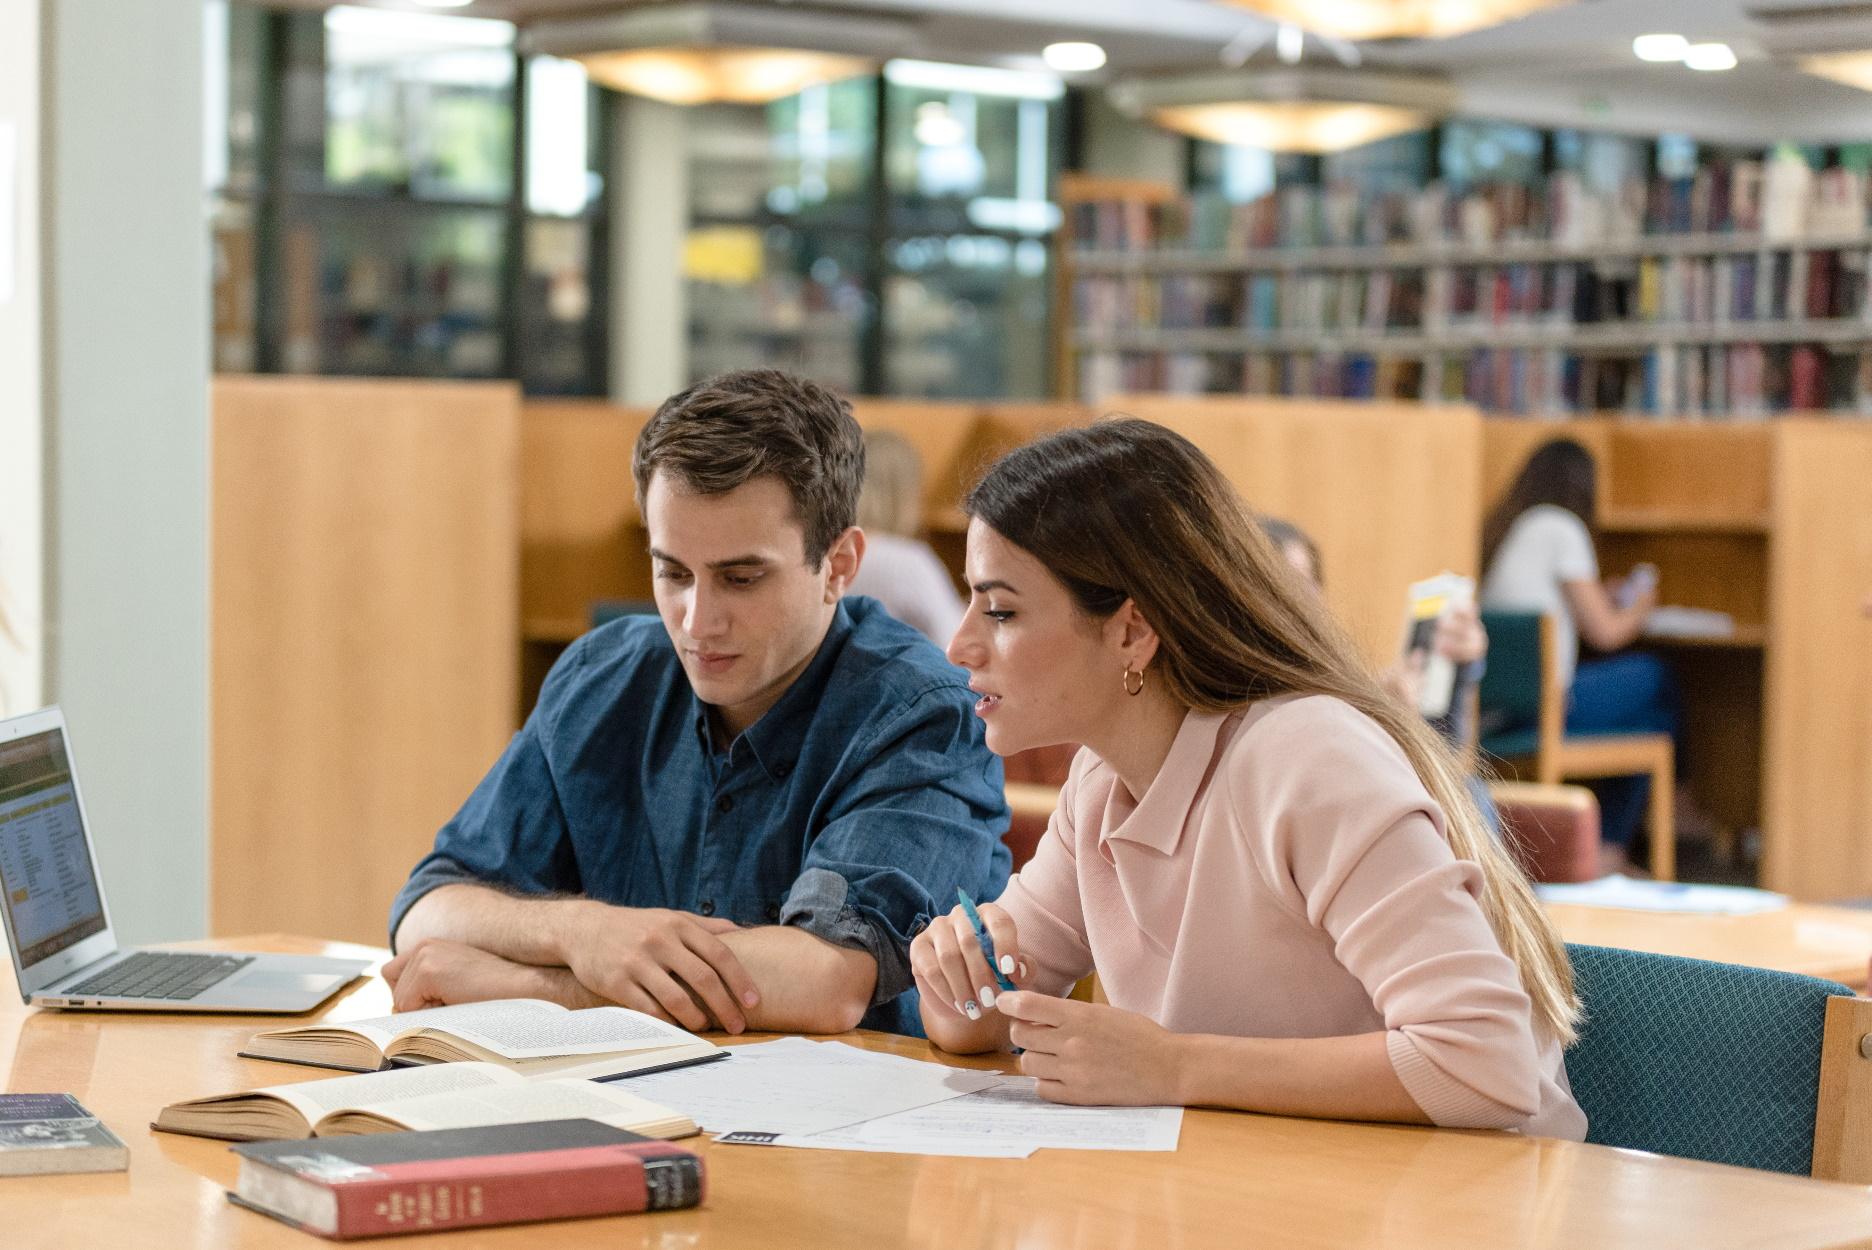 Νέα ακαδημαϊκή περίοδος για το Deree - Τhe American College of Greece